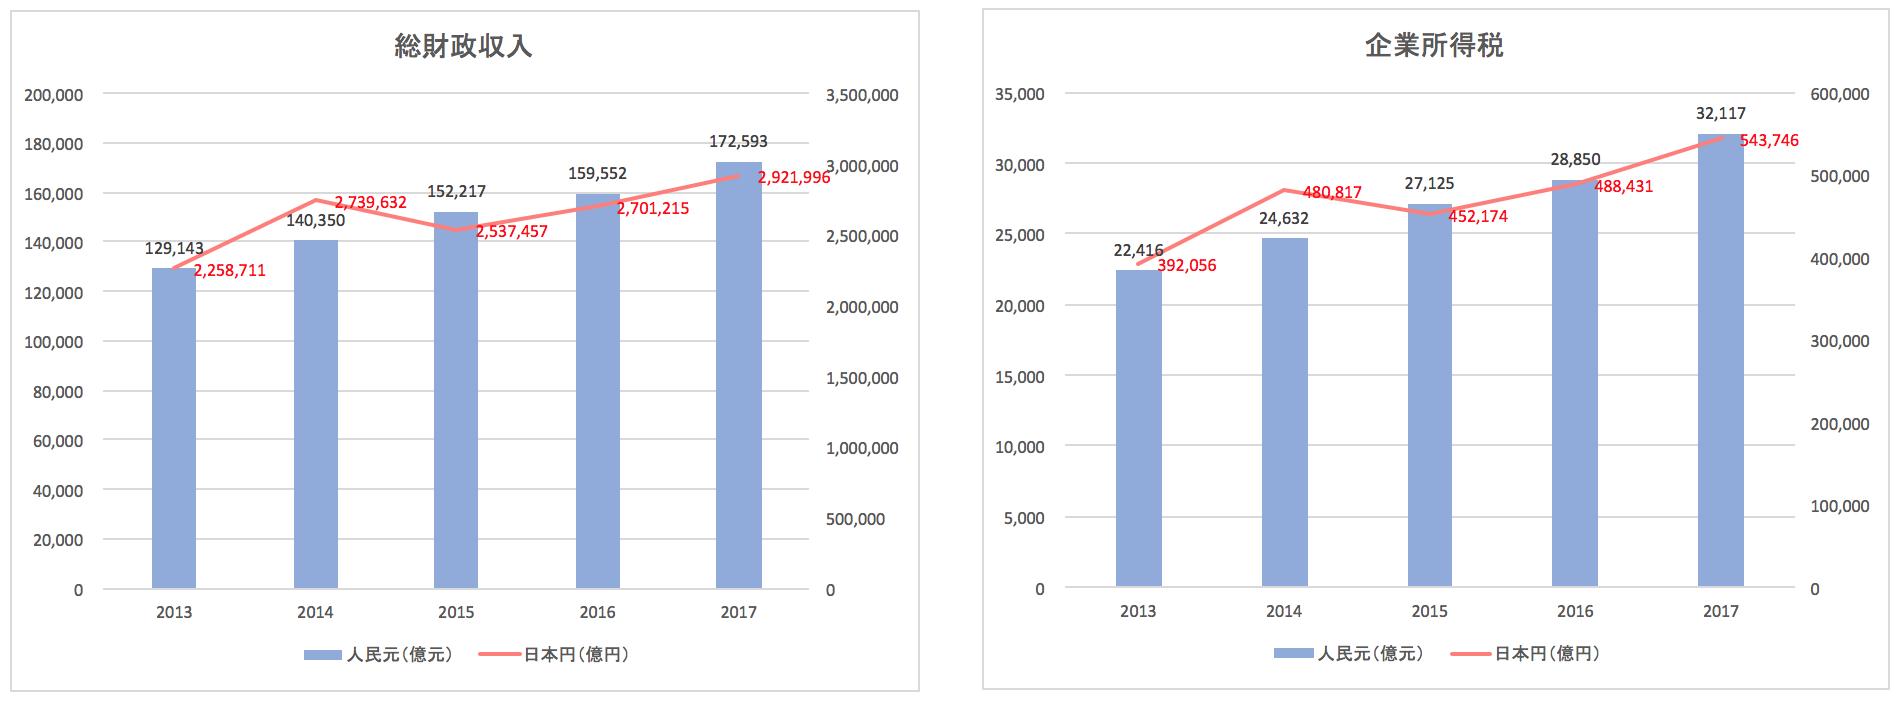 中国の税収推移(財政収入、企業所得税)